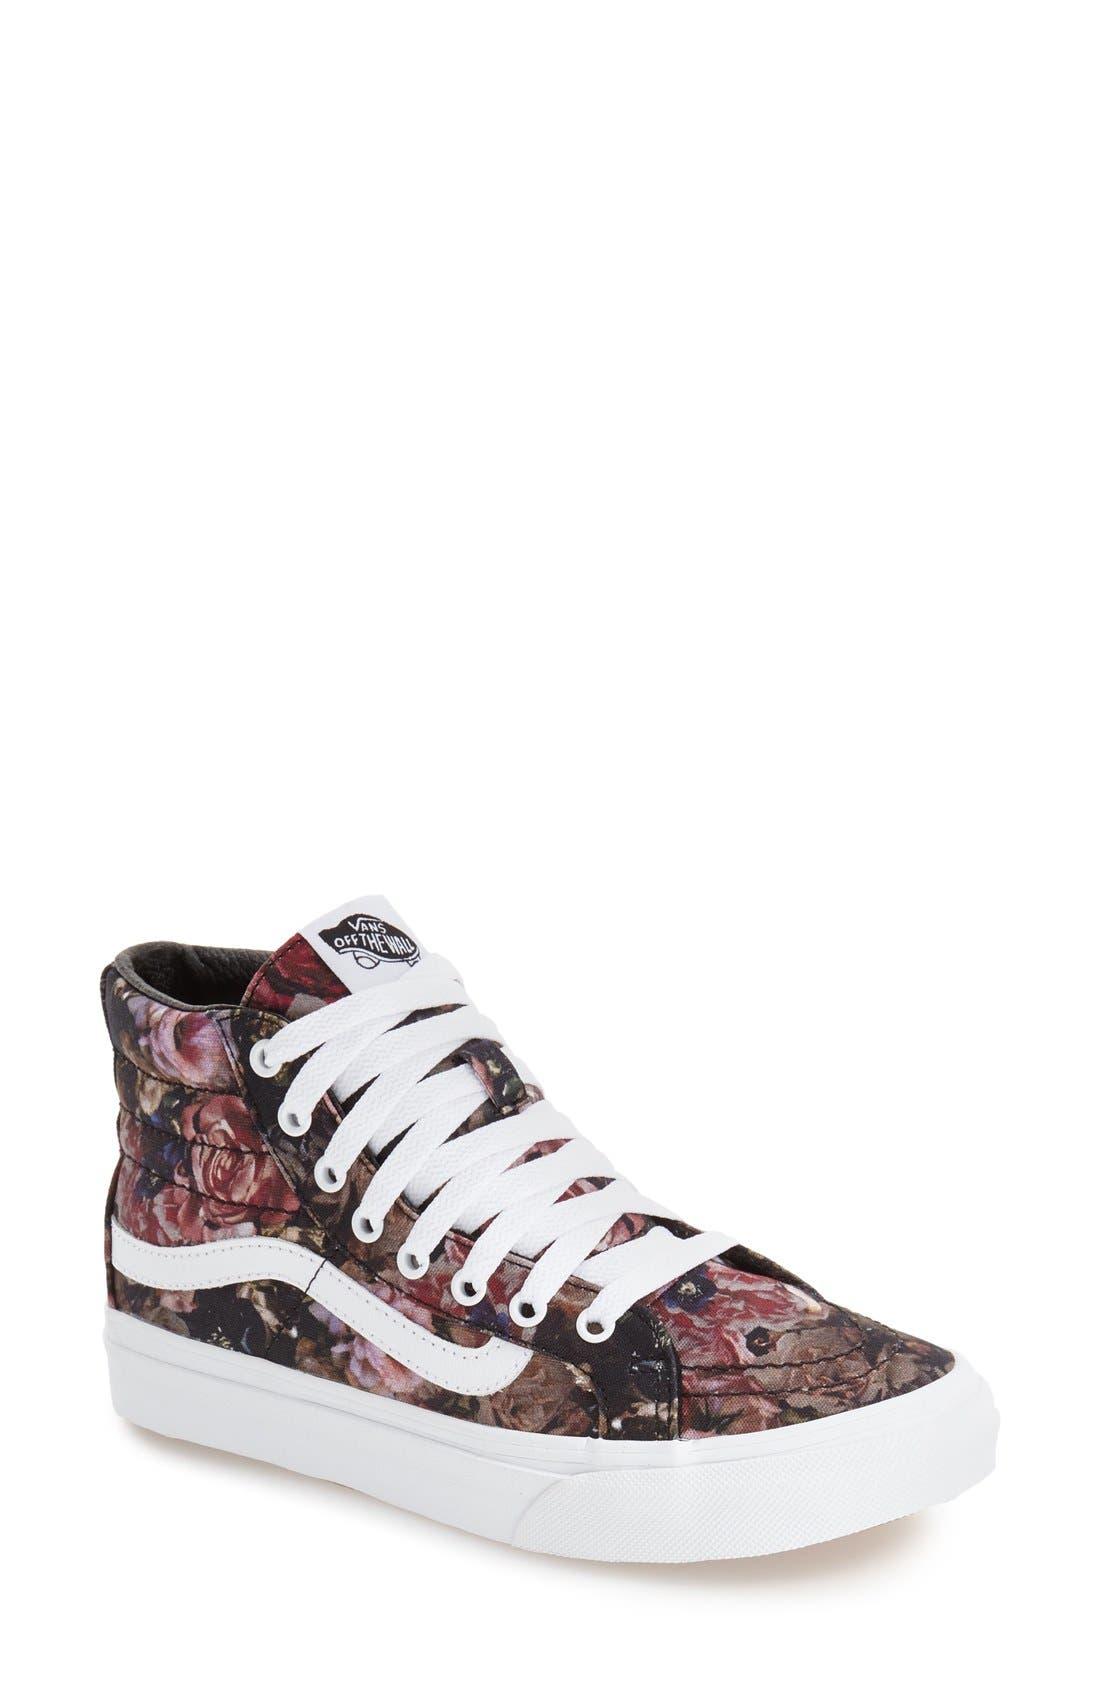 VANS, Sk-8 Hi Slim Sneaker, Main thumbnail 1, color, 001